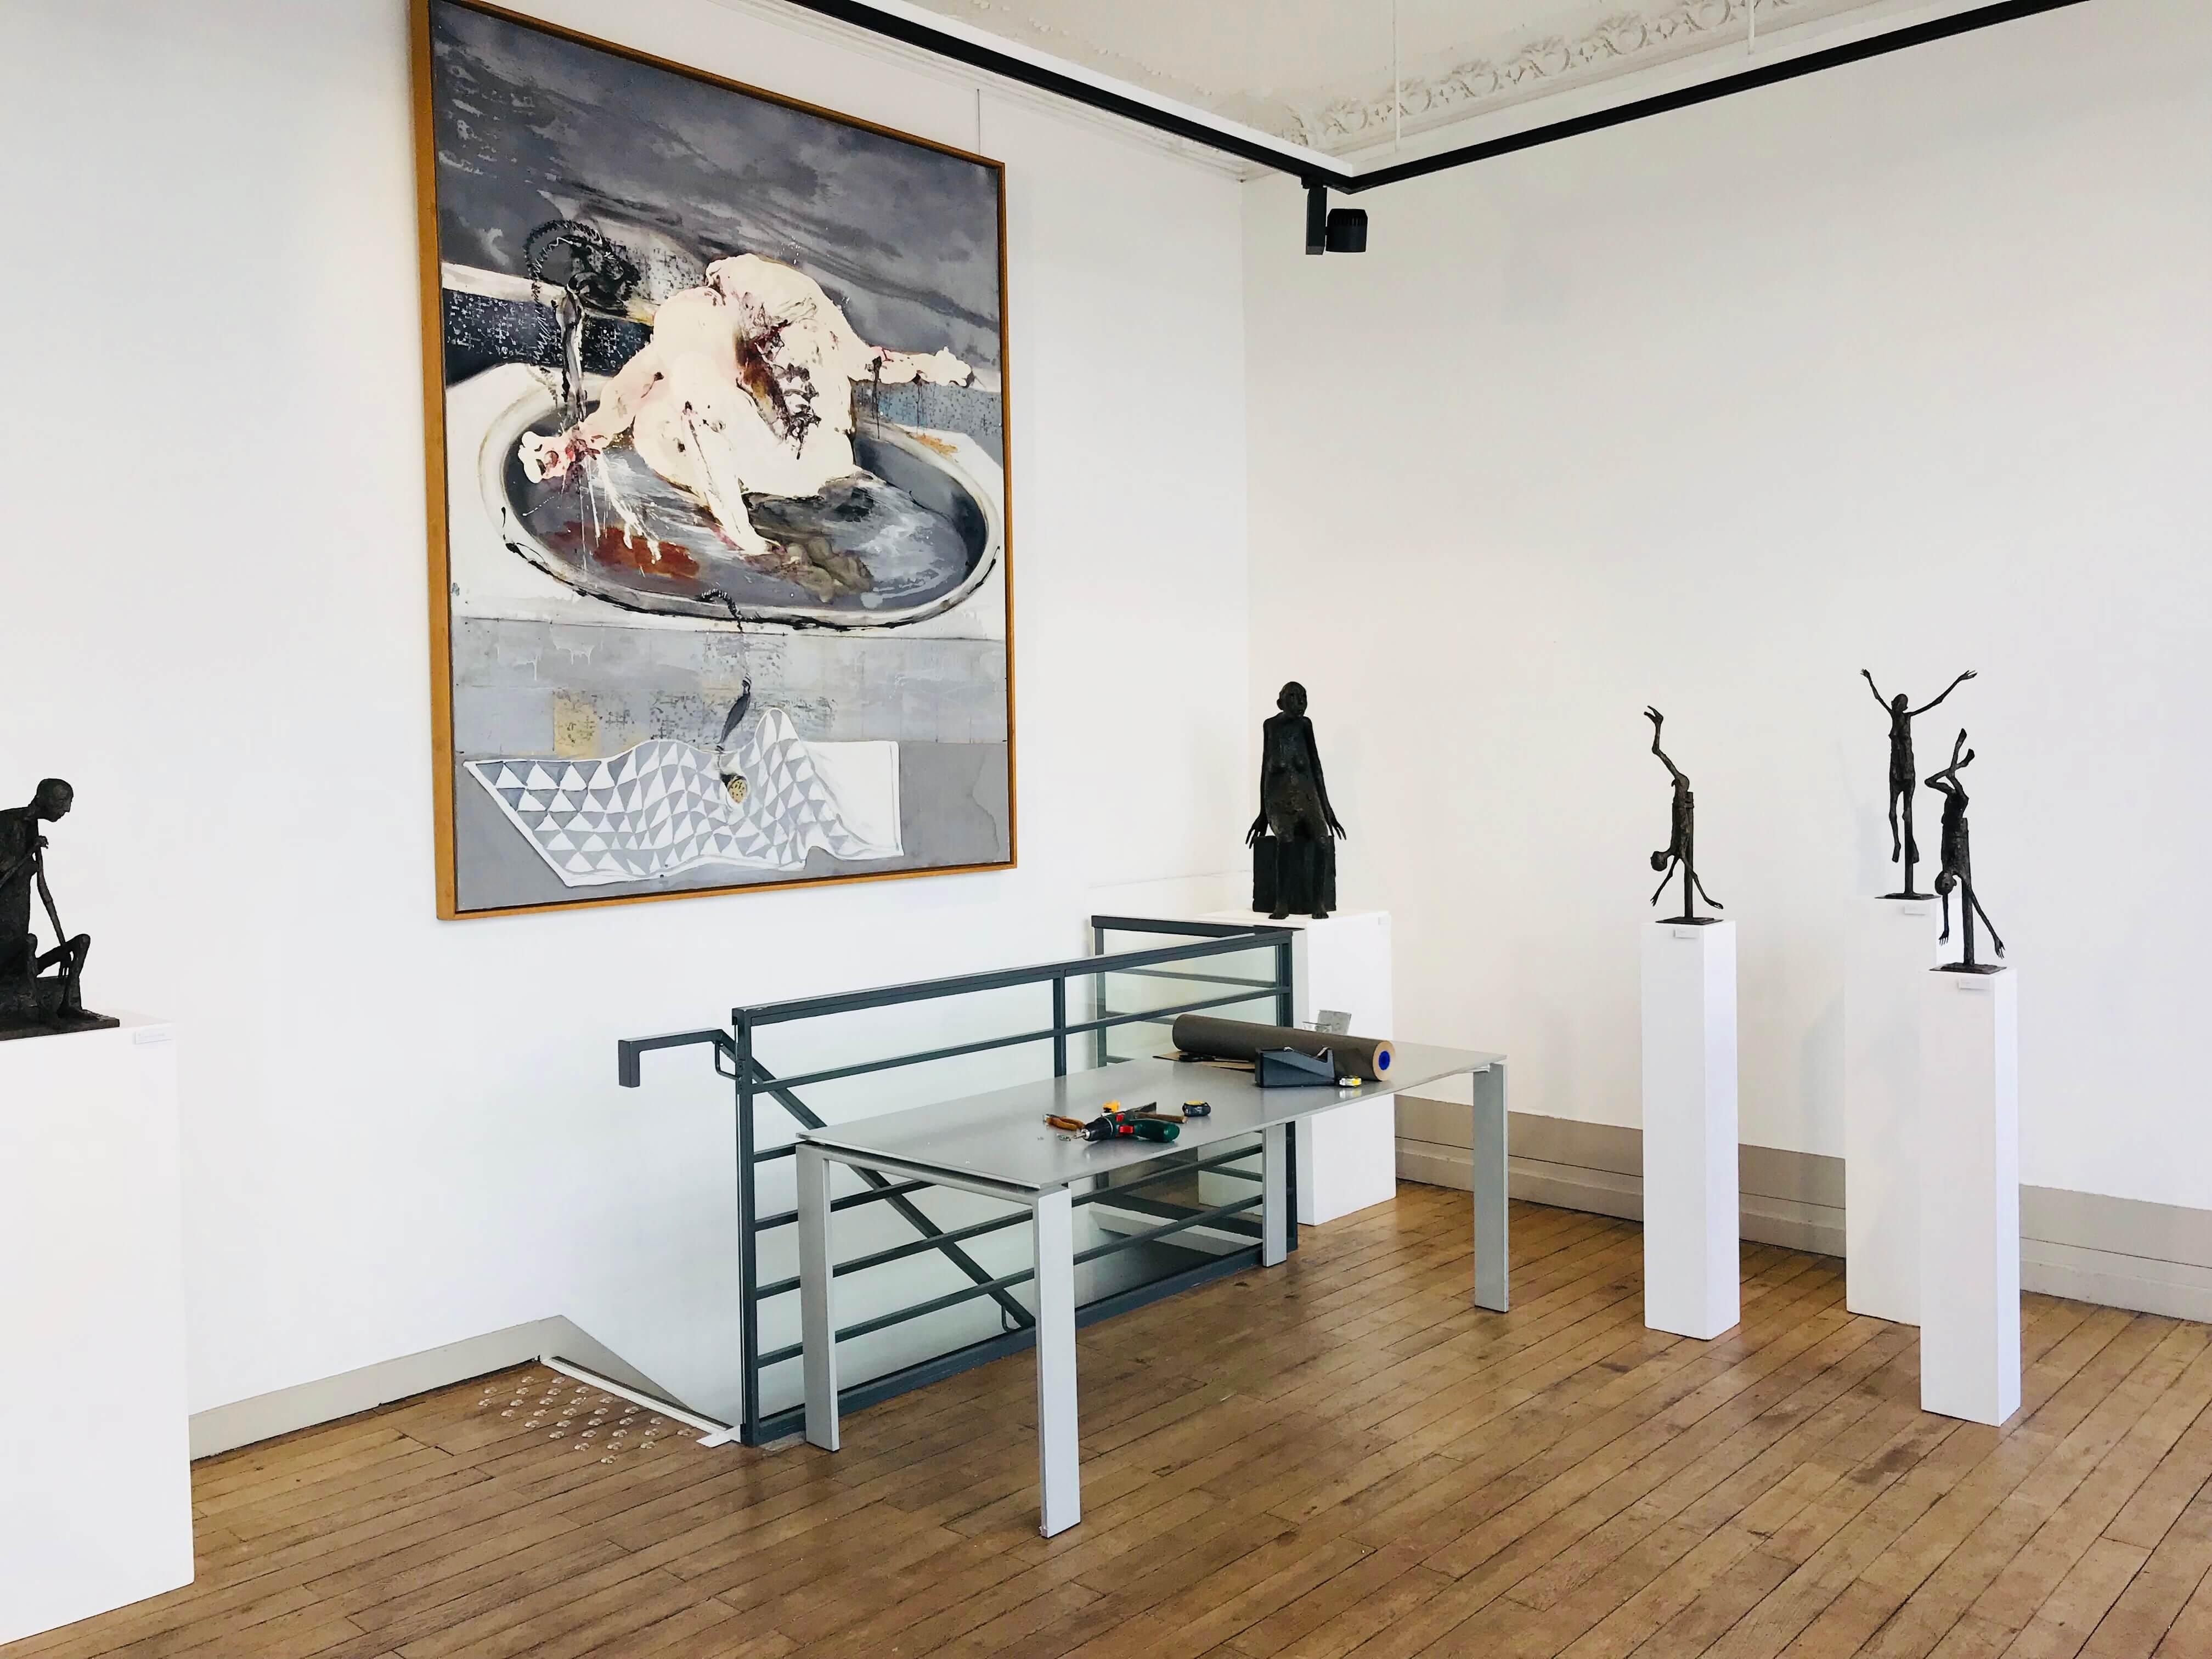 Image exposition rez-de-chaussée Galerie Artset